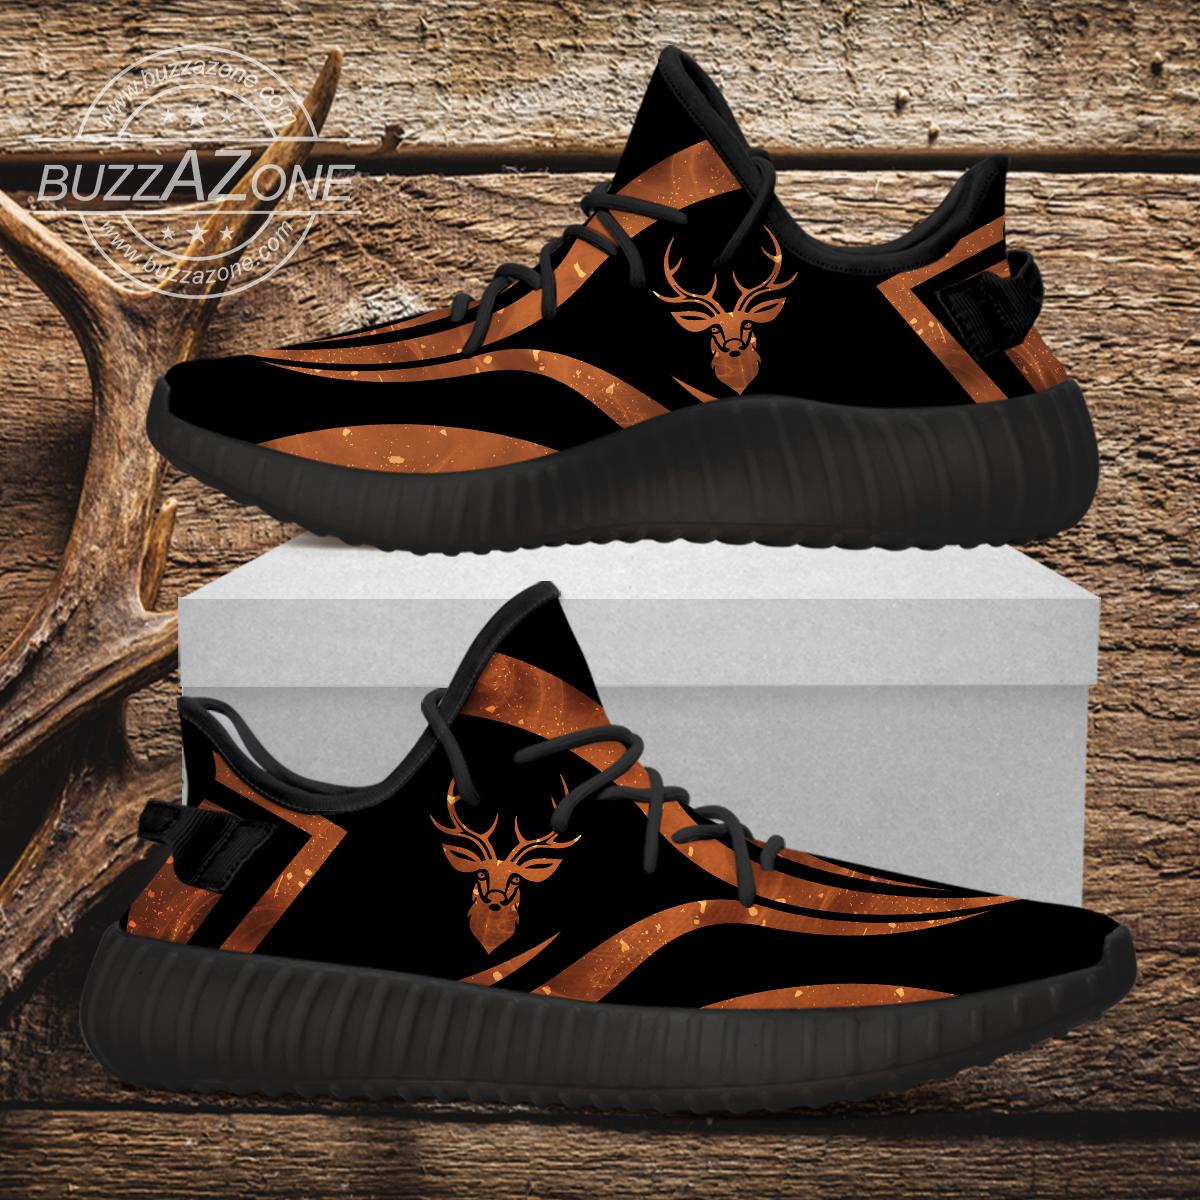 Deer hunting custom yeezy sneakers1